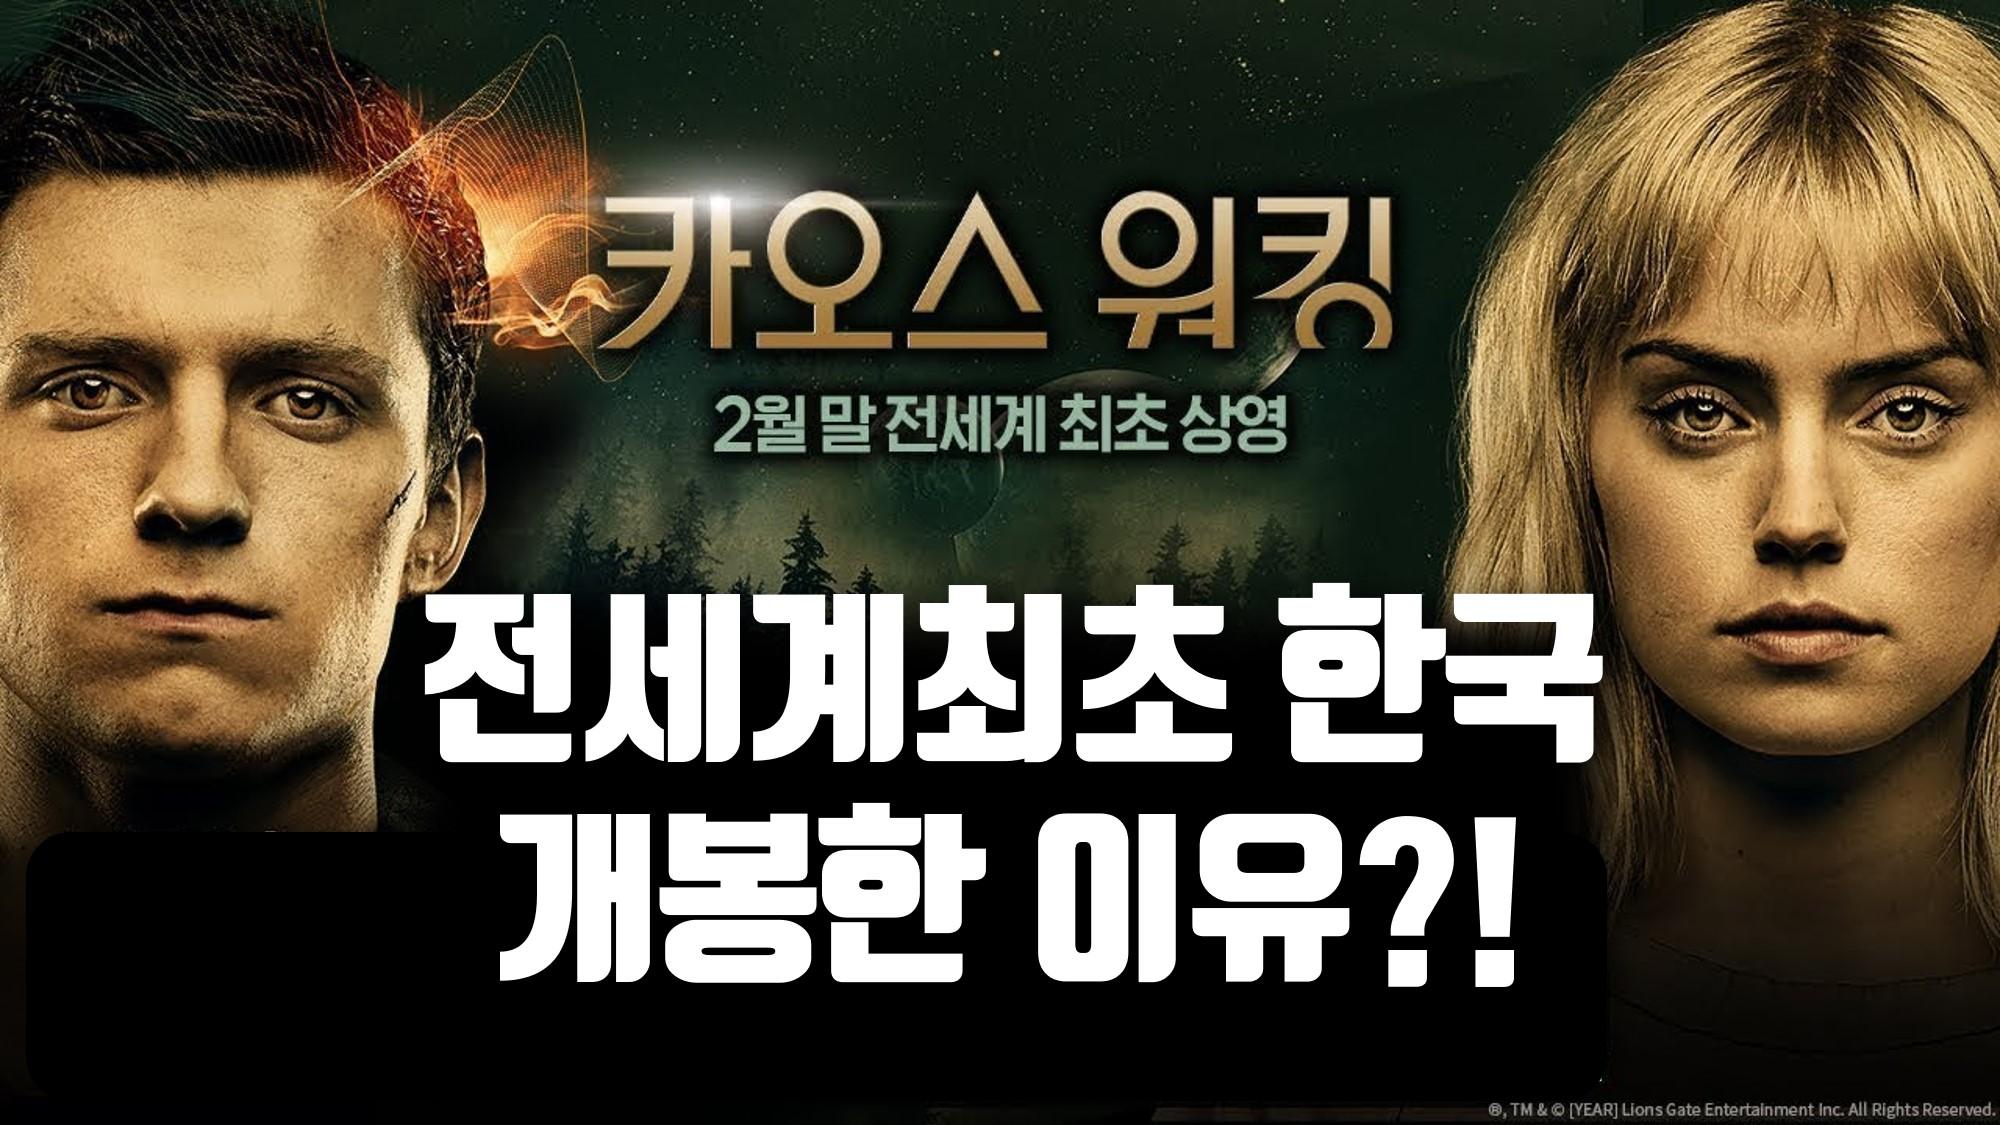 《카오스 워킹》전세계최초 한국 개봉한 이유?!